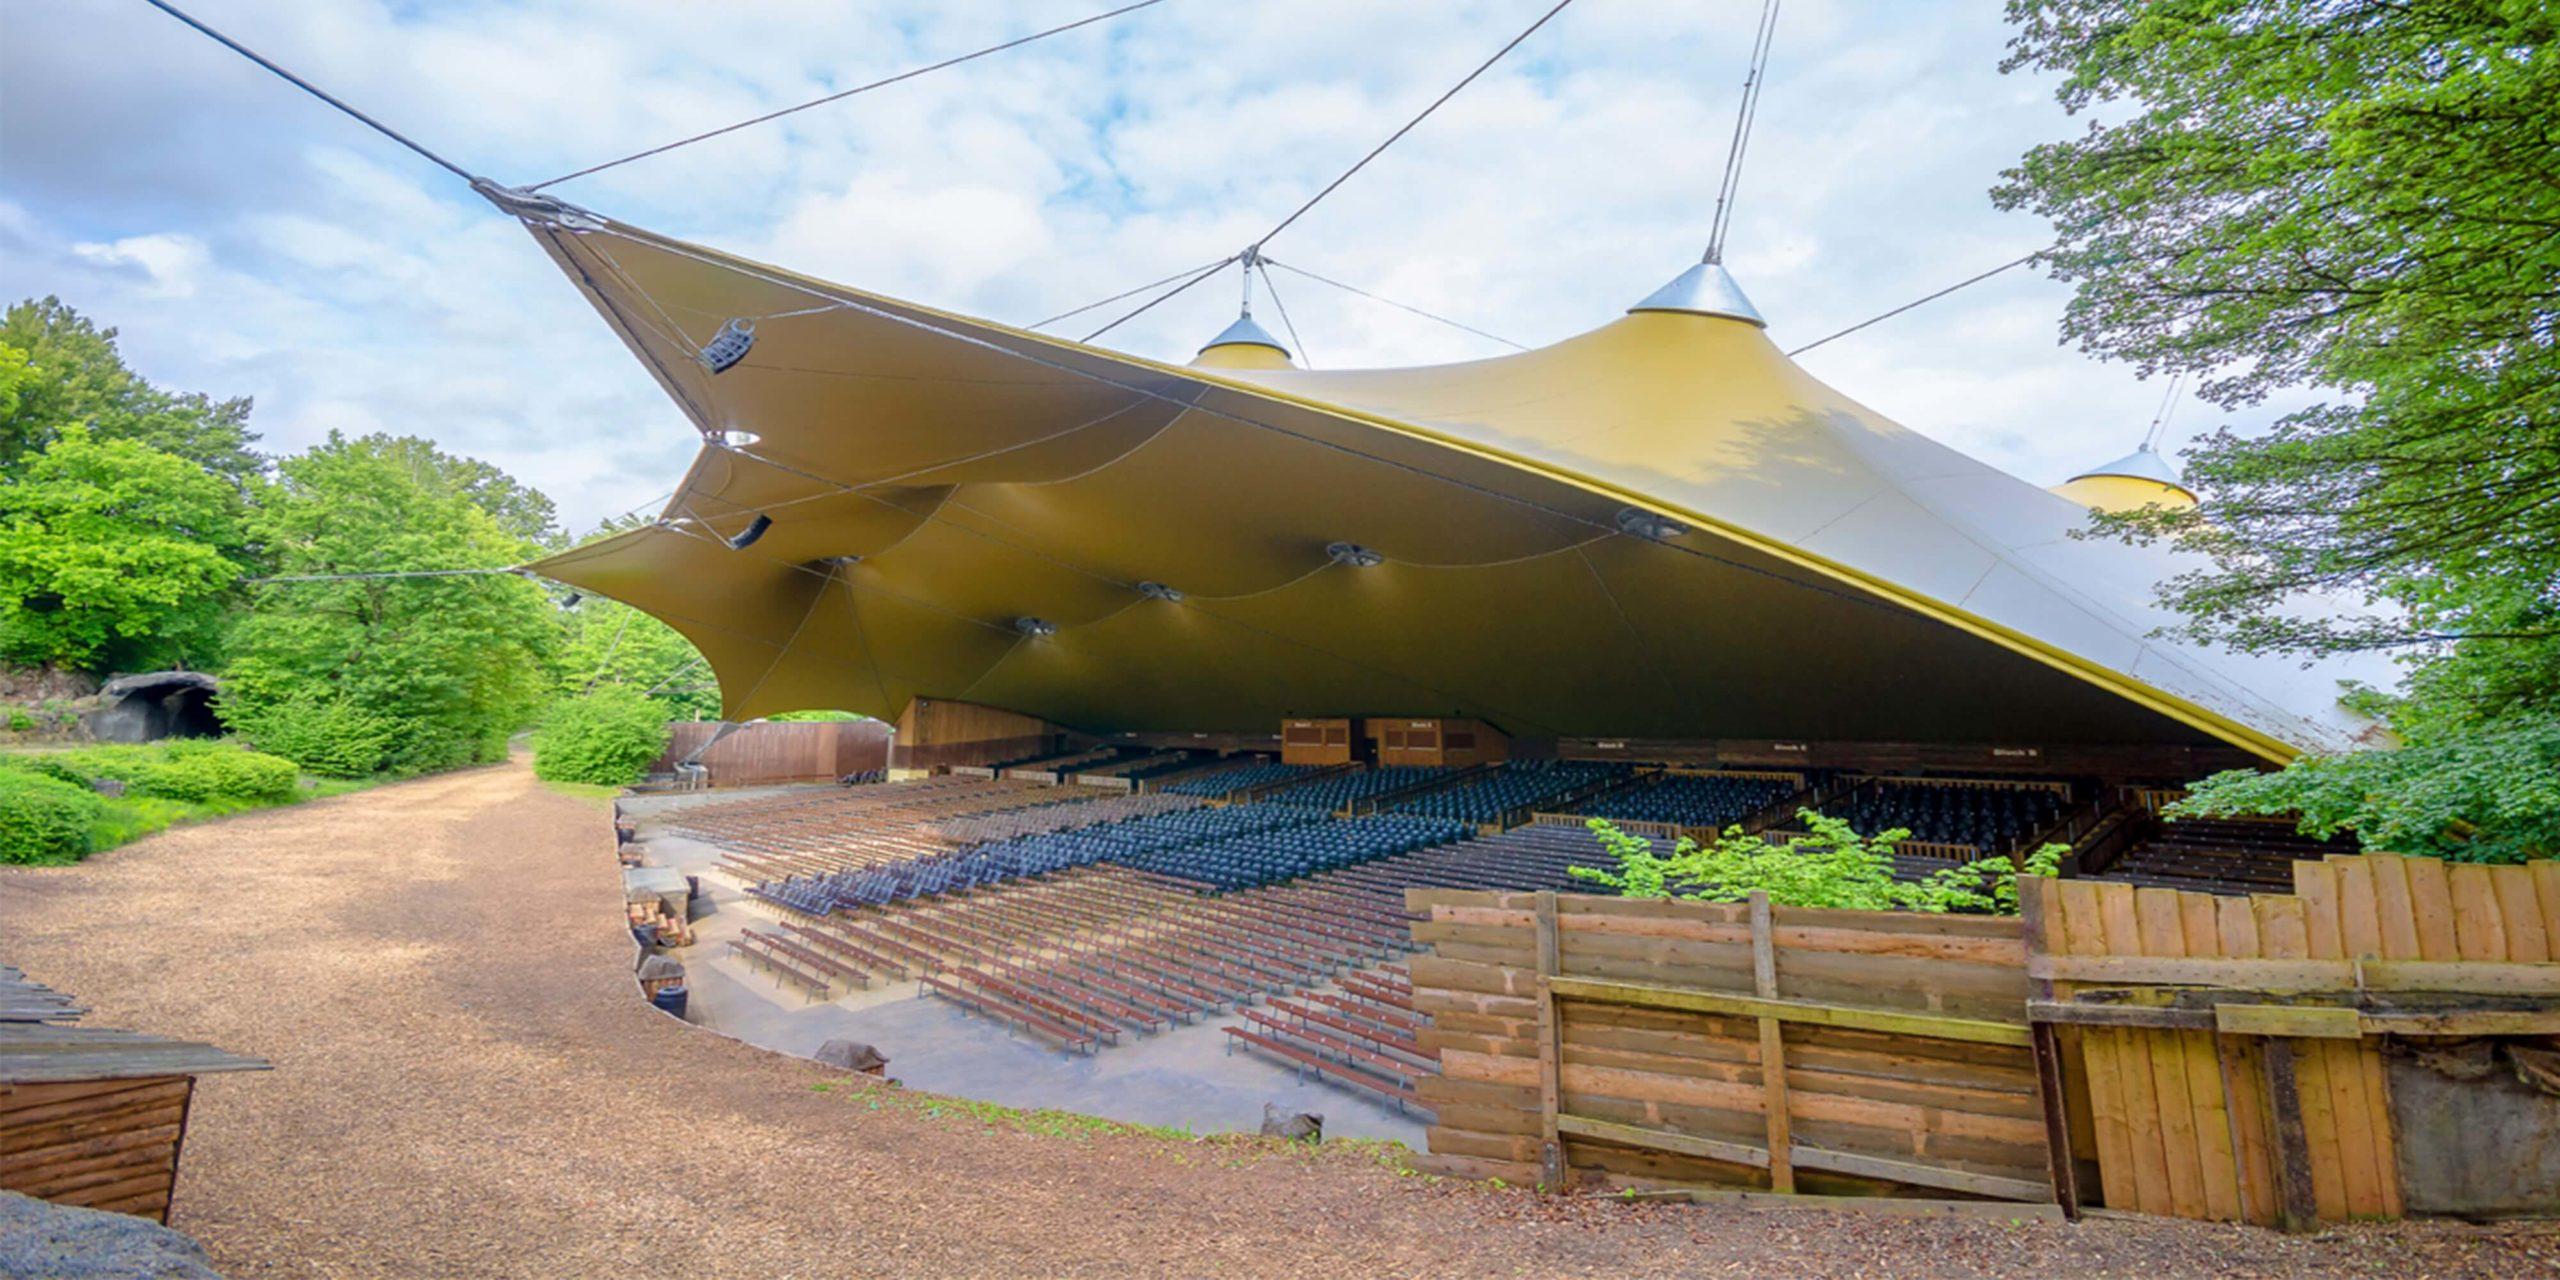 Das neue Dach für das Amphitheater